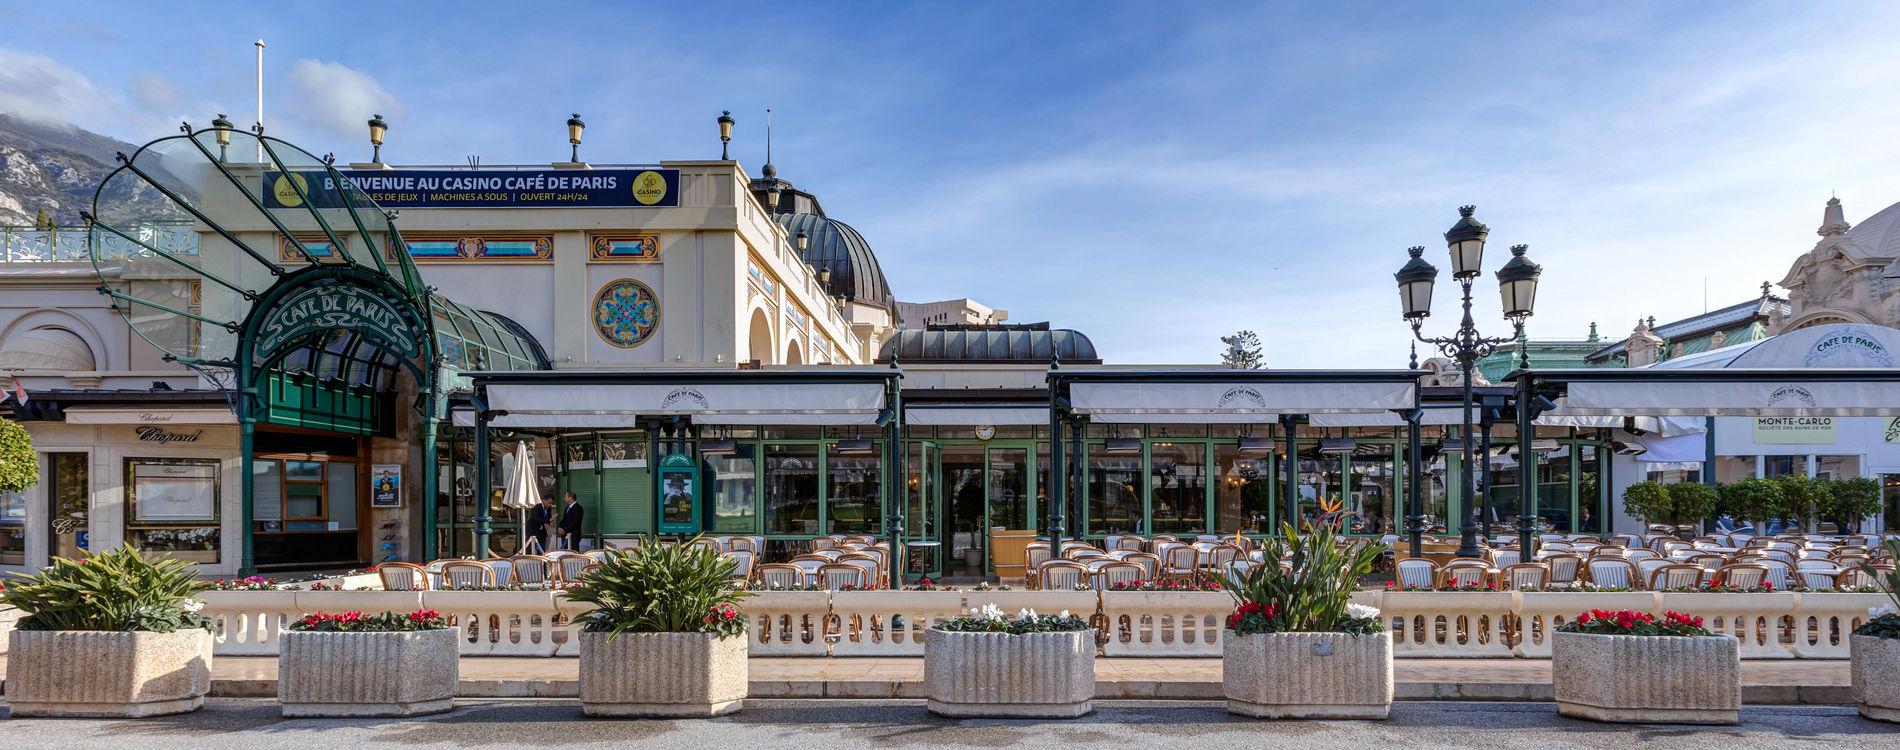 Le Café de Paris - La Brasserie